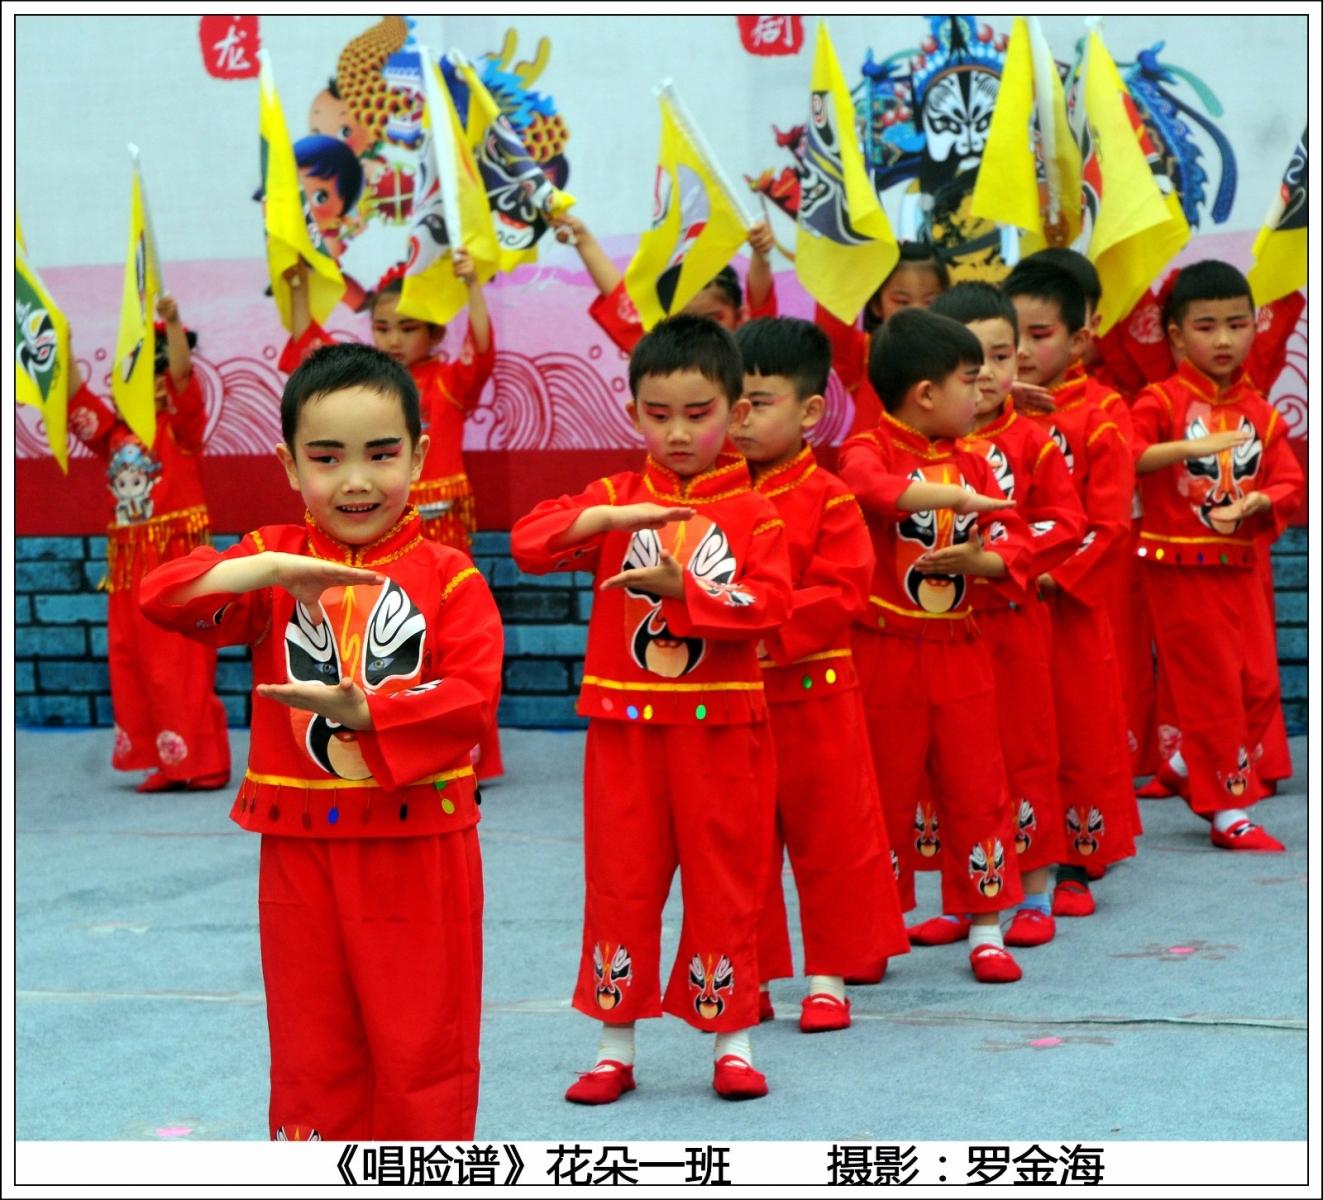 六一儿童节(诗文)_图1-18